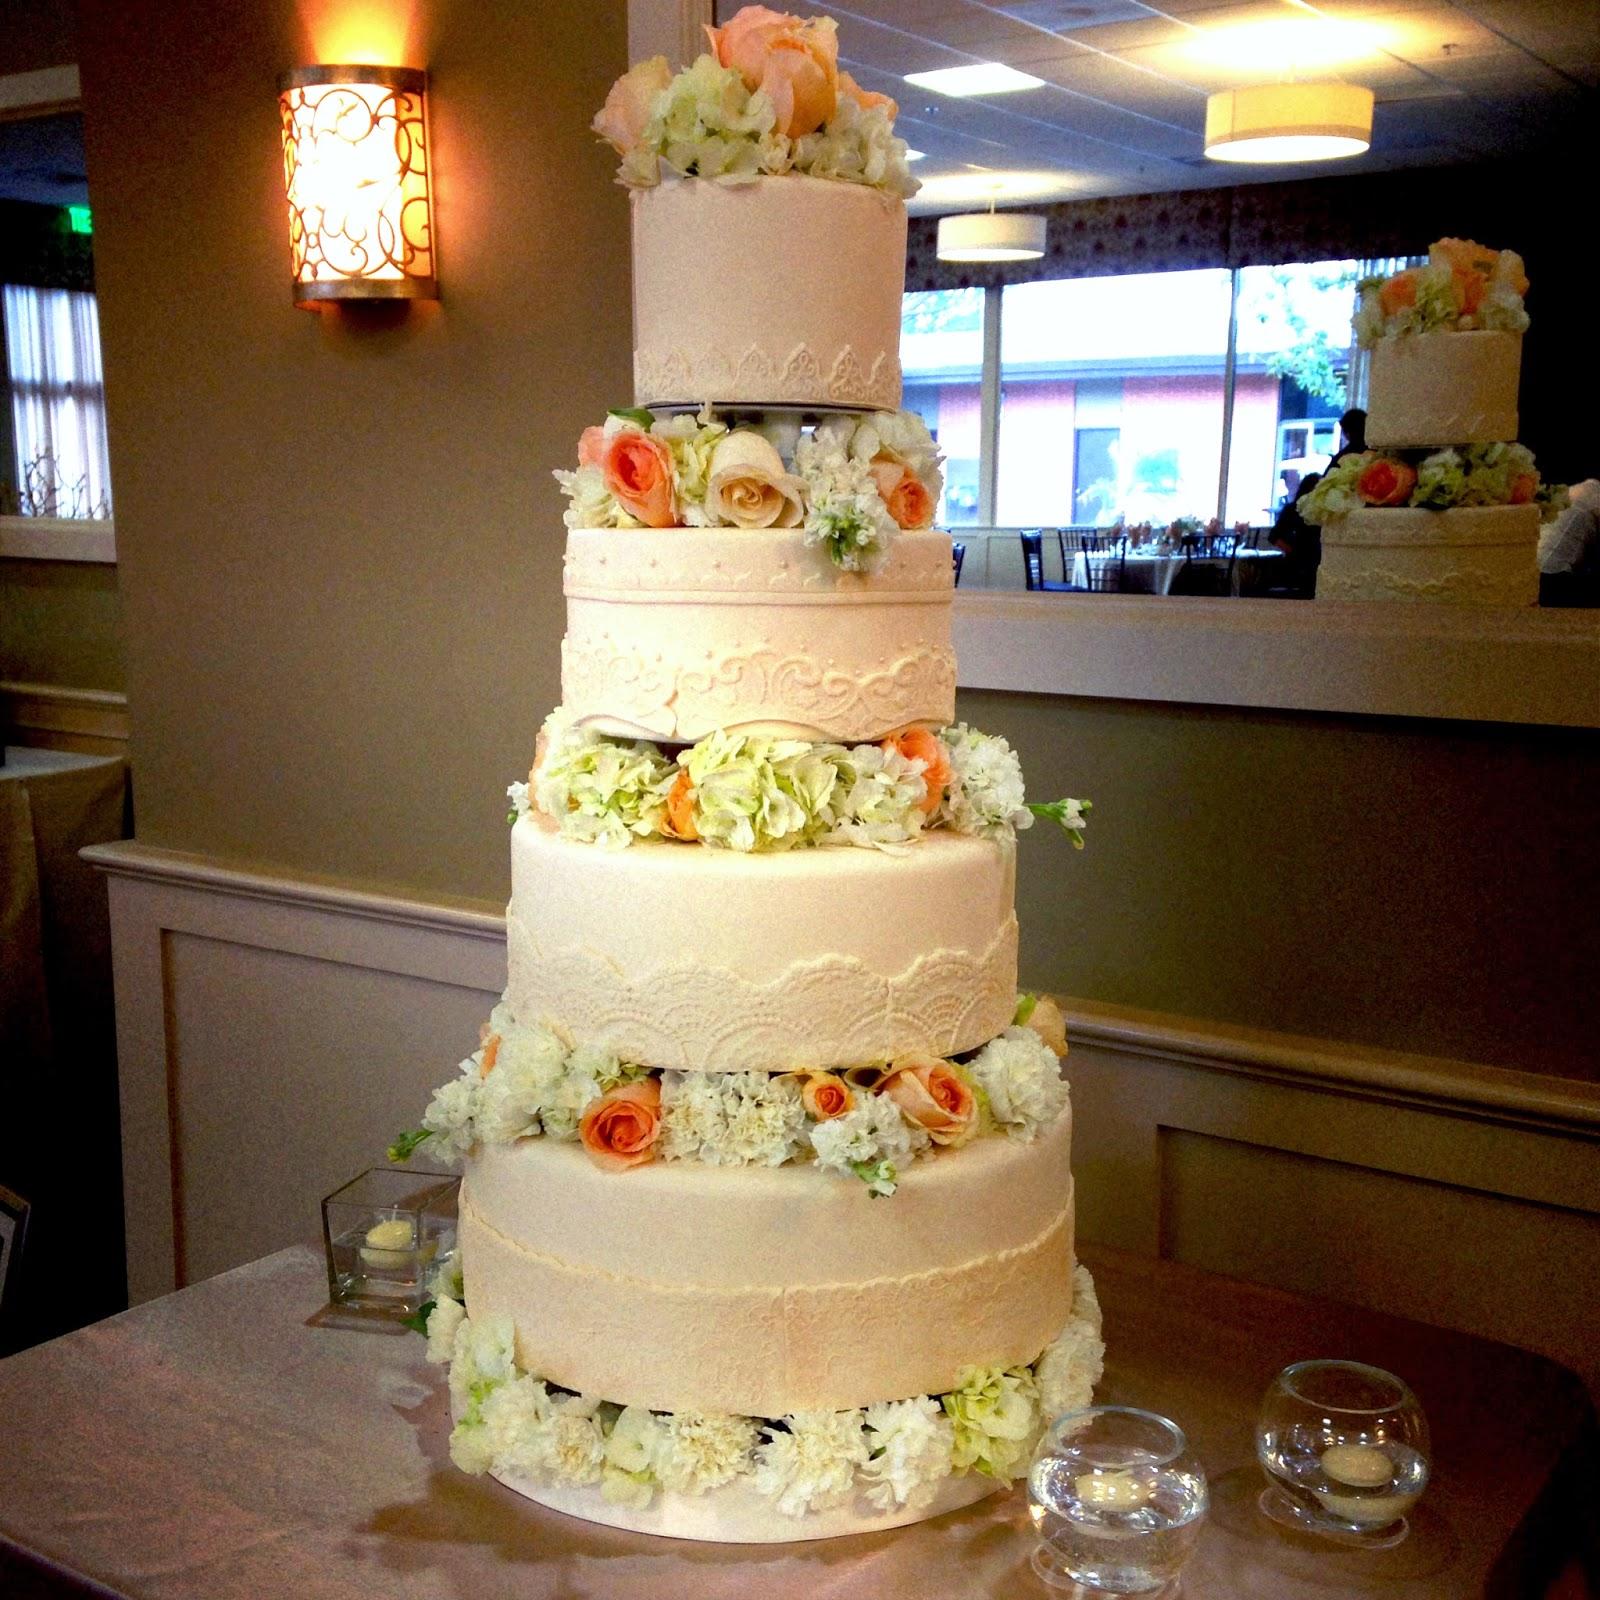 ivory wedding cake with fresh flowers | BAKESHOPmarie